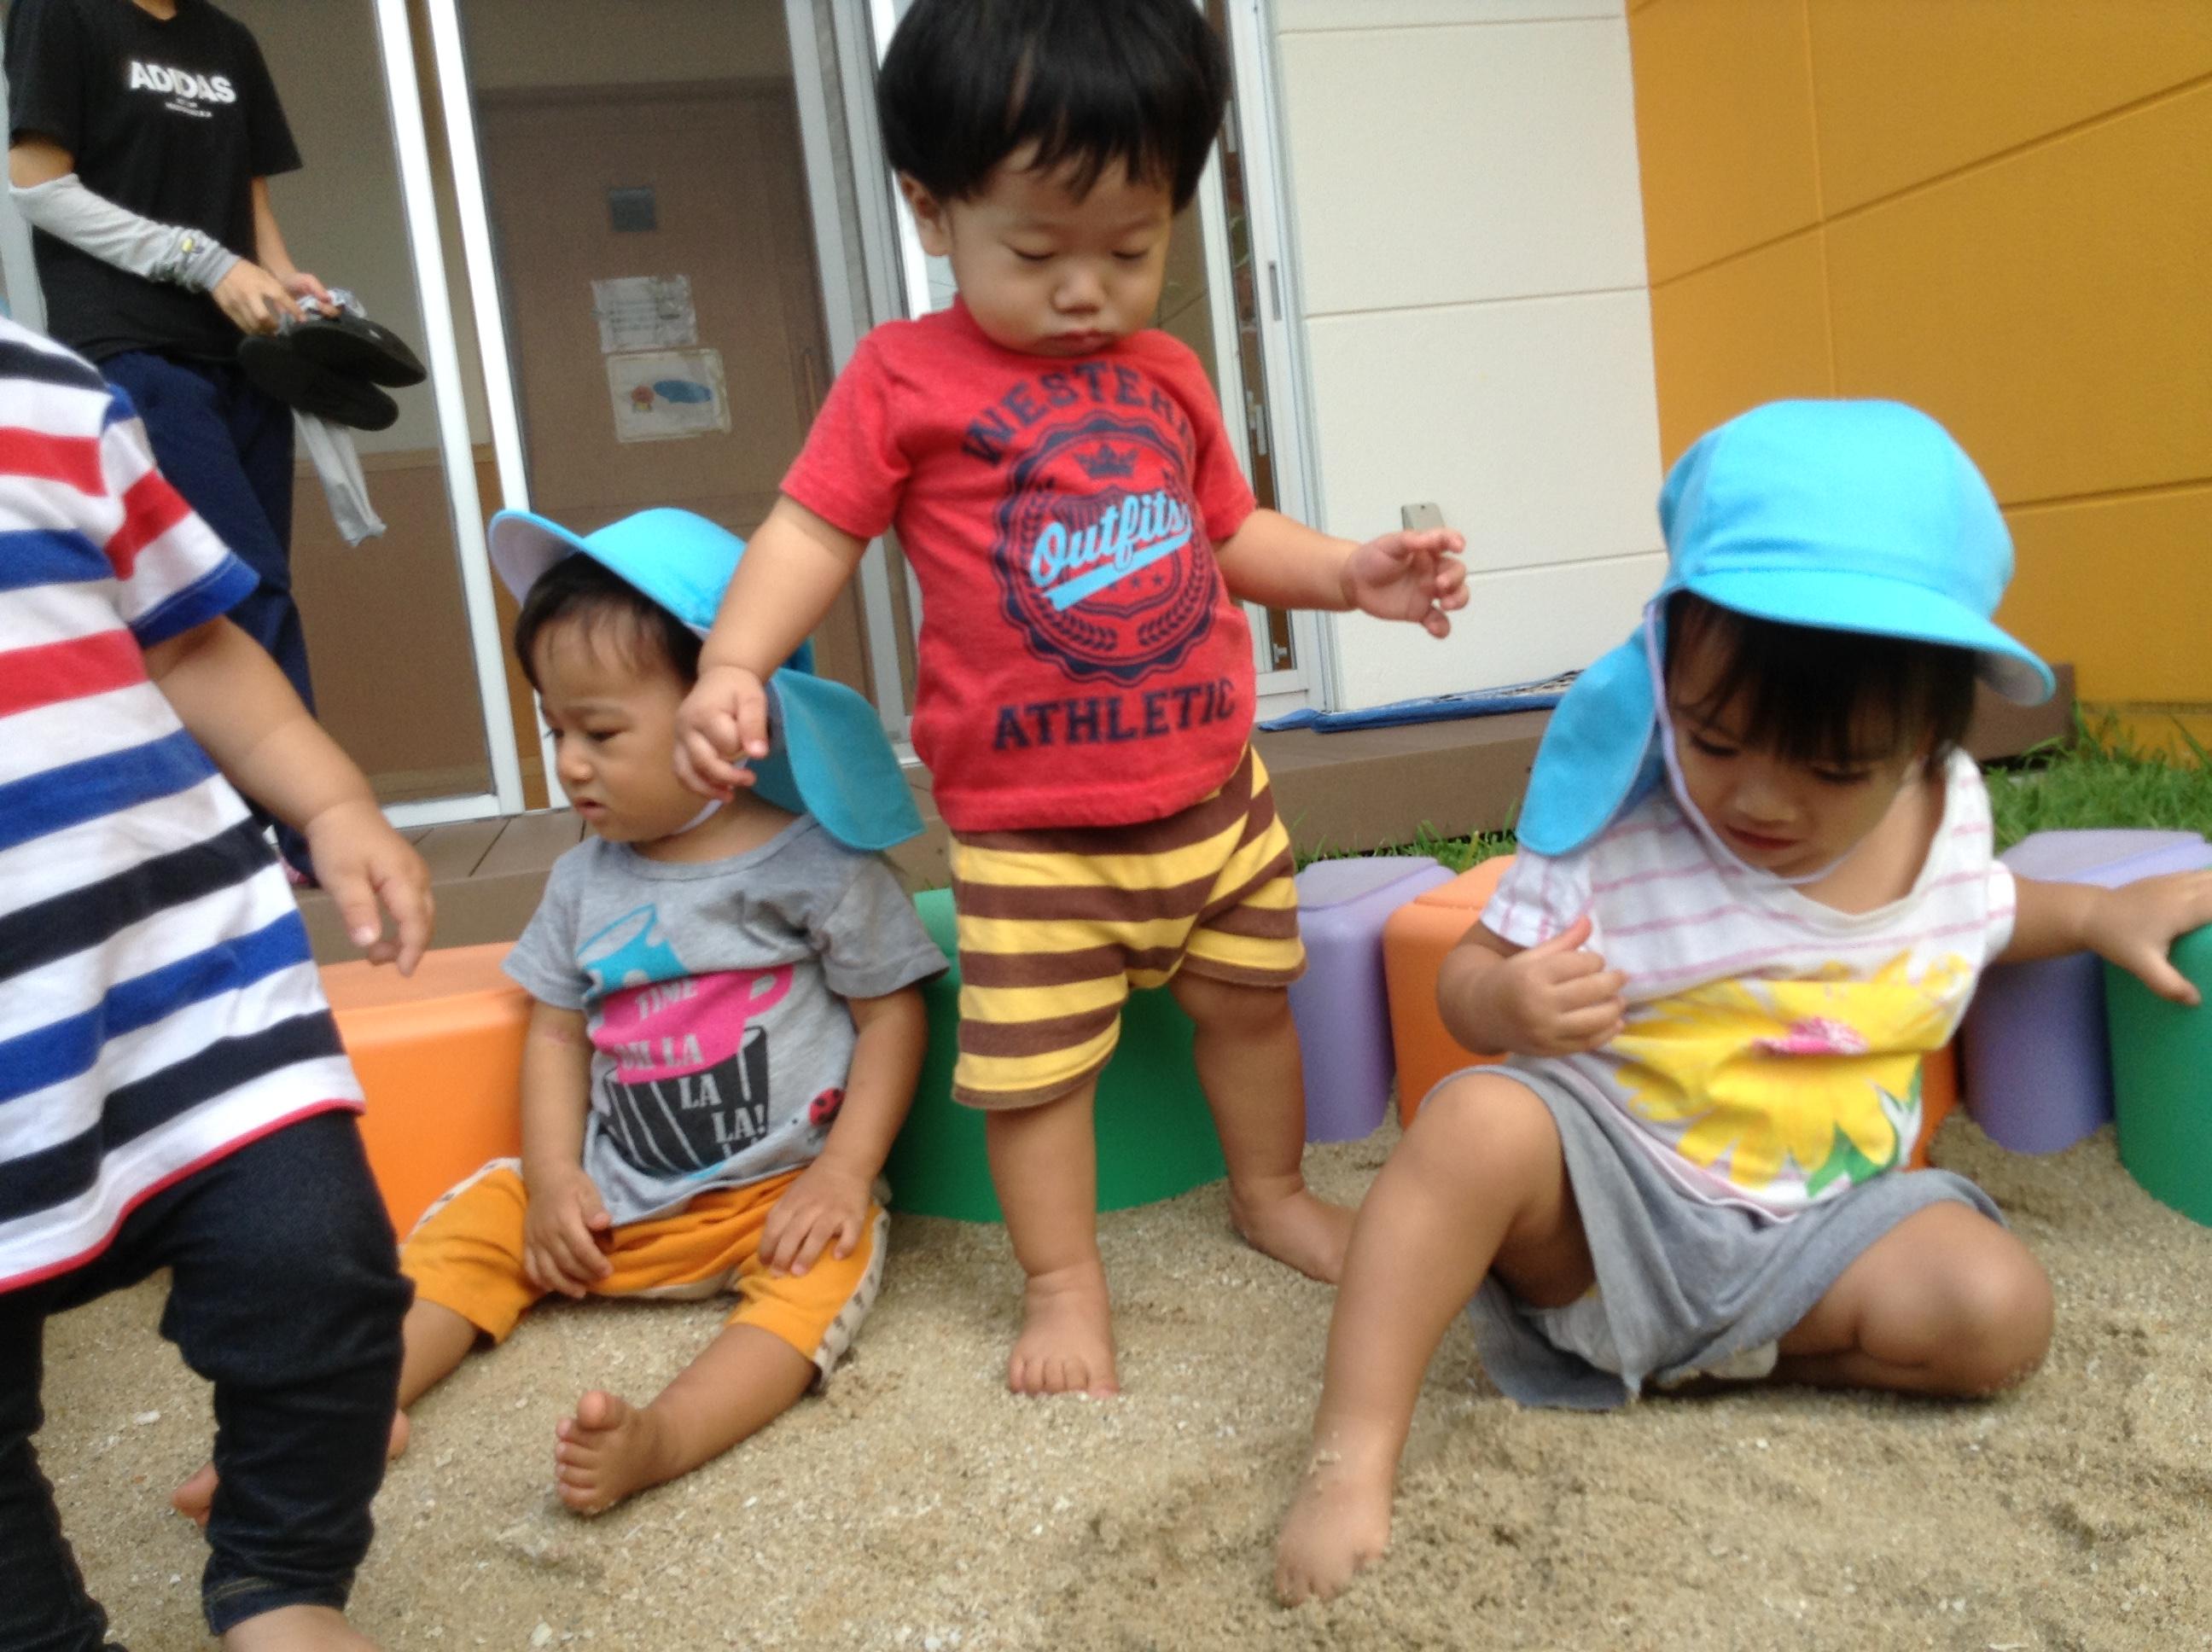 砂遊び💛砂の感触を嫌がる子が多かったですが、慣れてくると砂を手に持ち楽しんでいましたよ☺